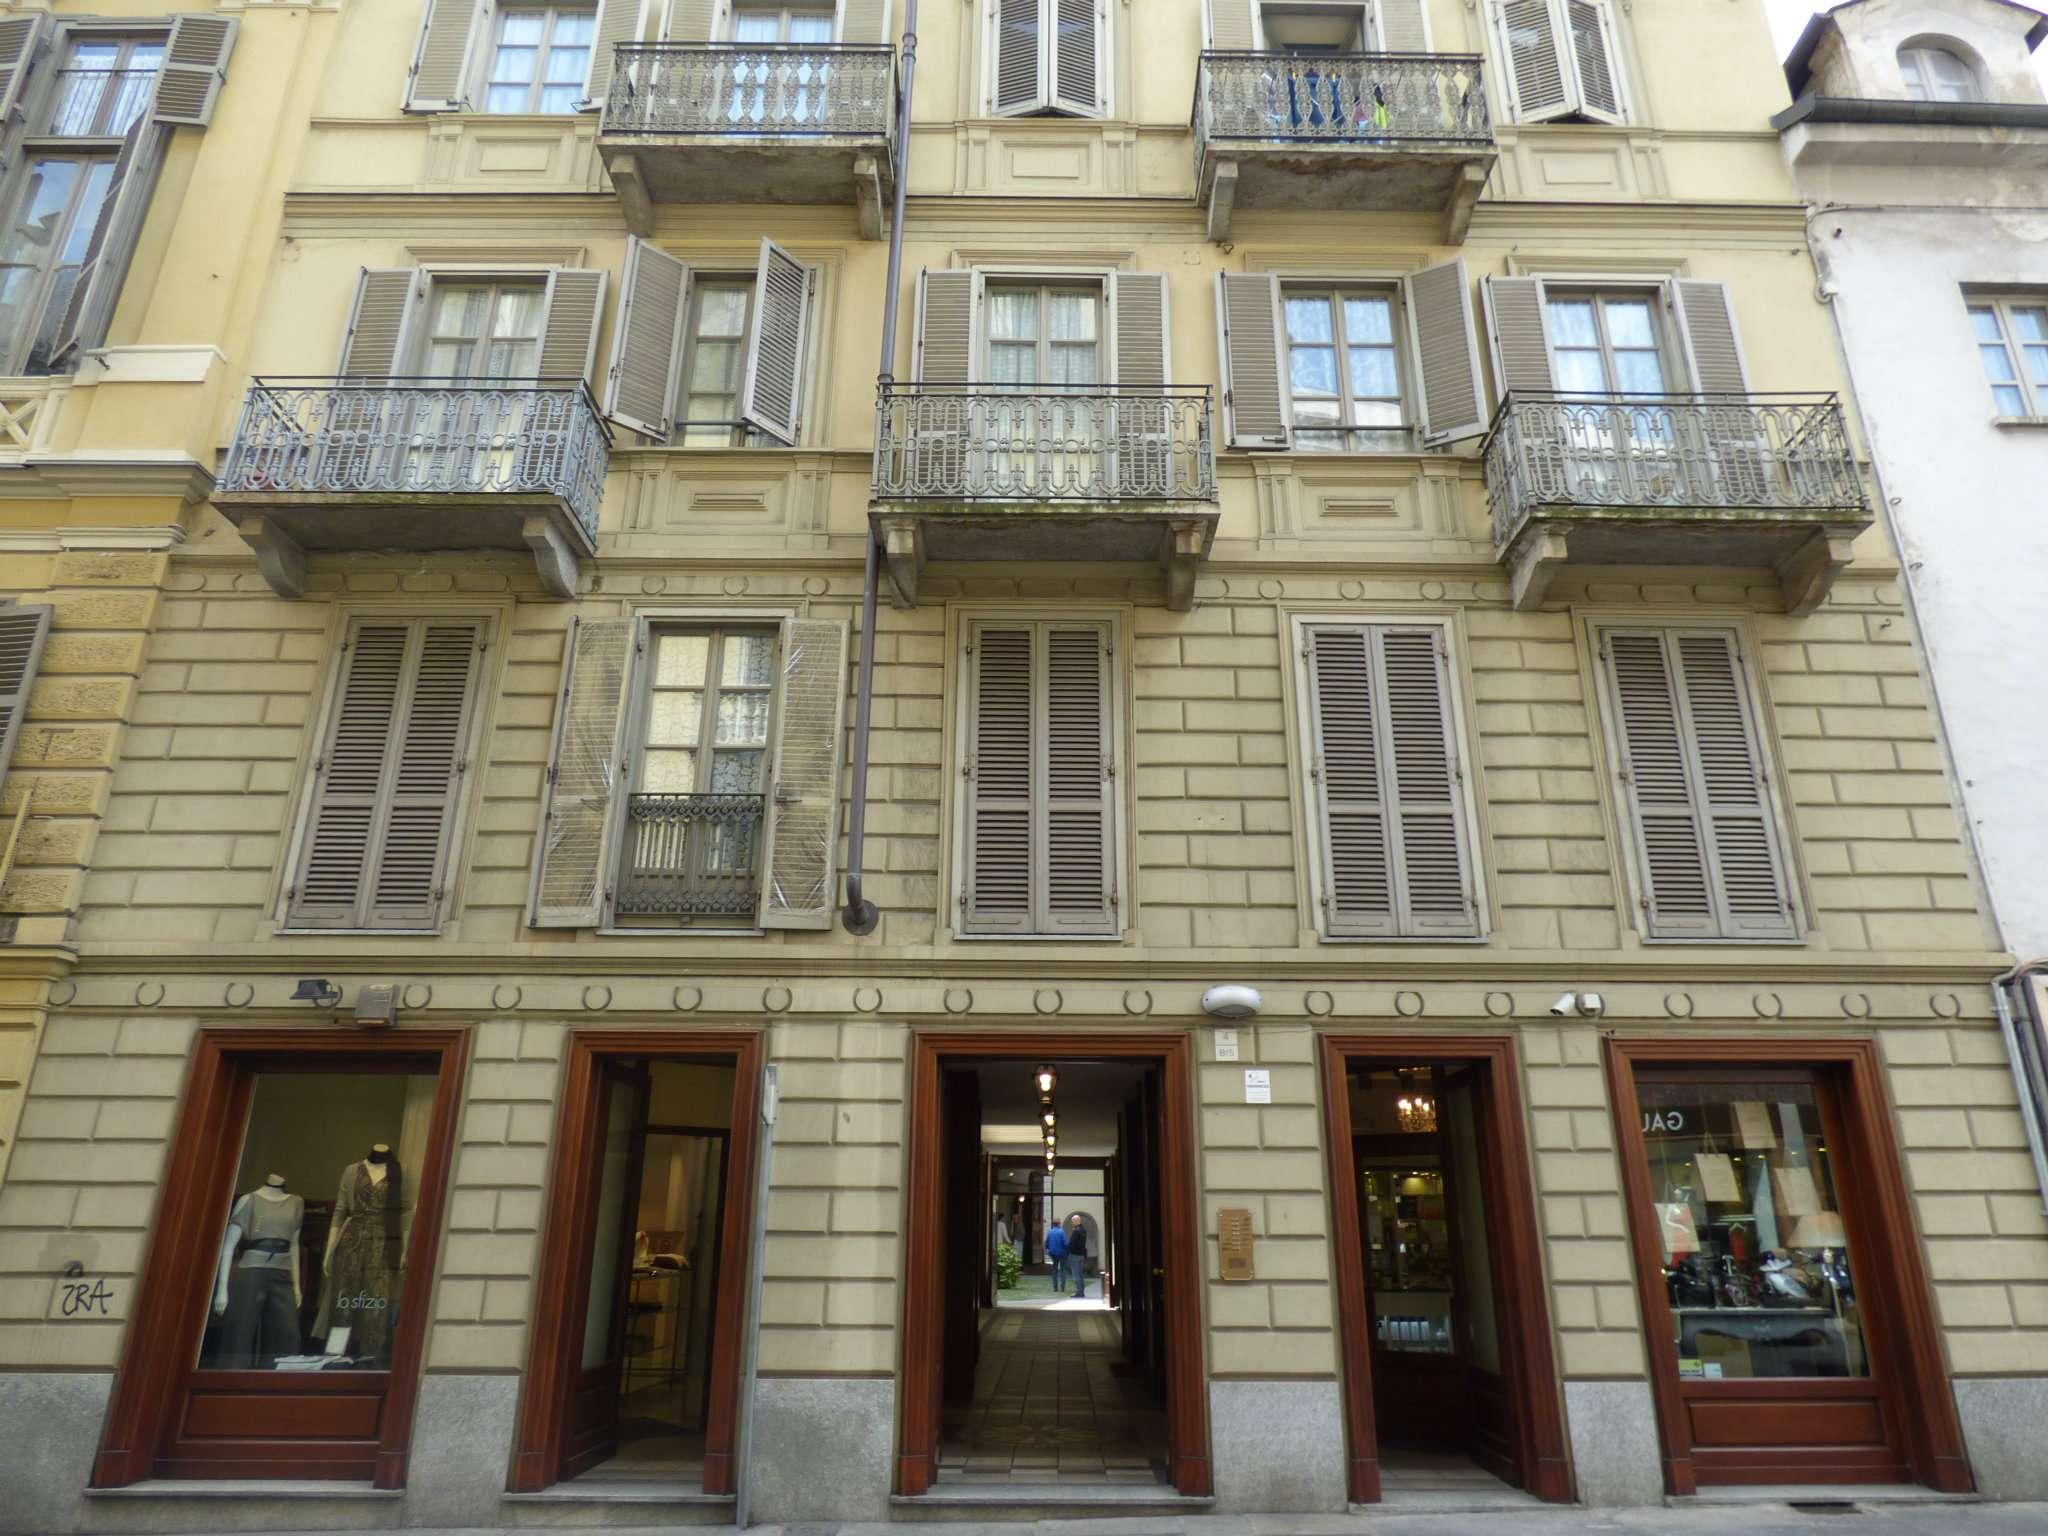 Negozio / Locale in affitto a Torino, 2 locali, zona Zona: 1 . Centro, Quadrilatero Romano, Repubblica, Giardini Reali, prezzo € 1.000 | Cambio Casa.it